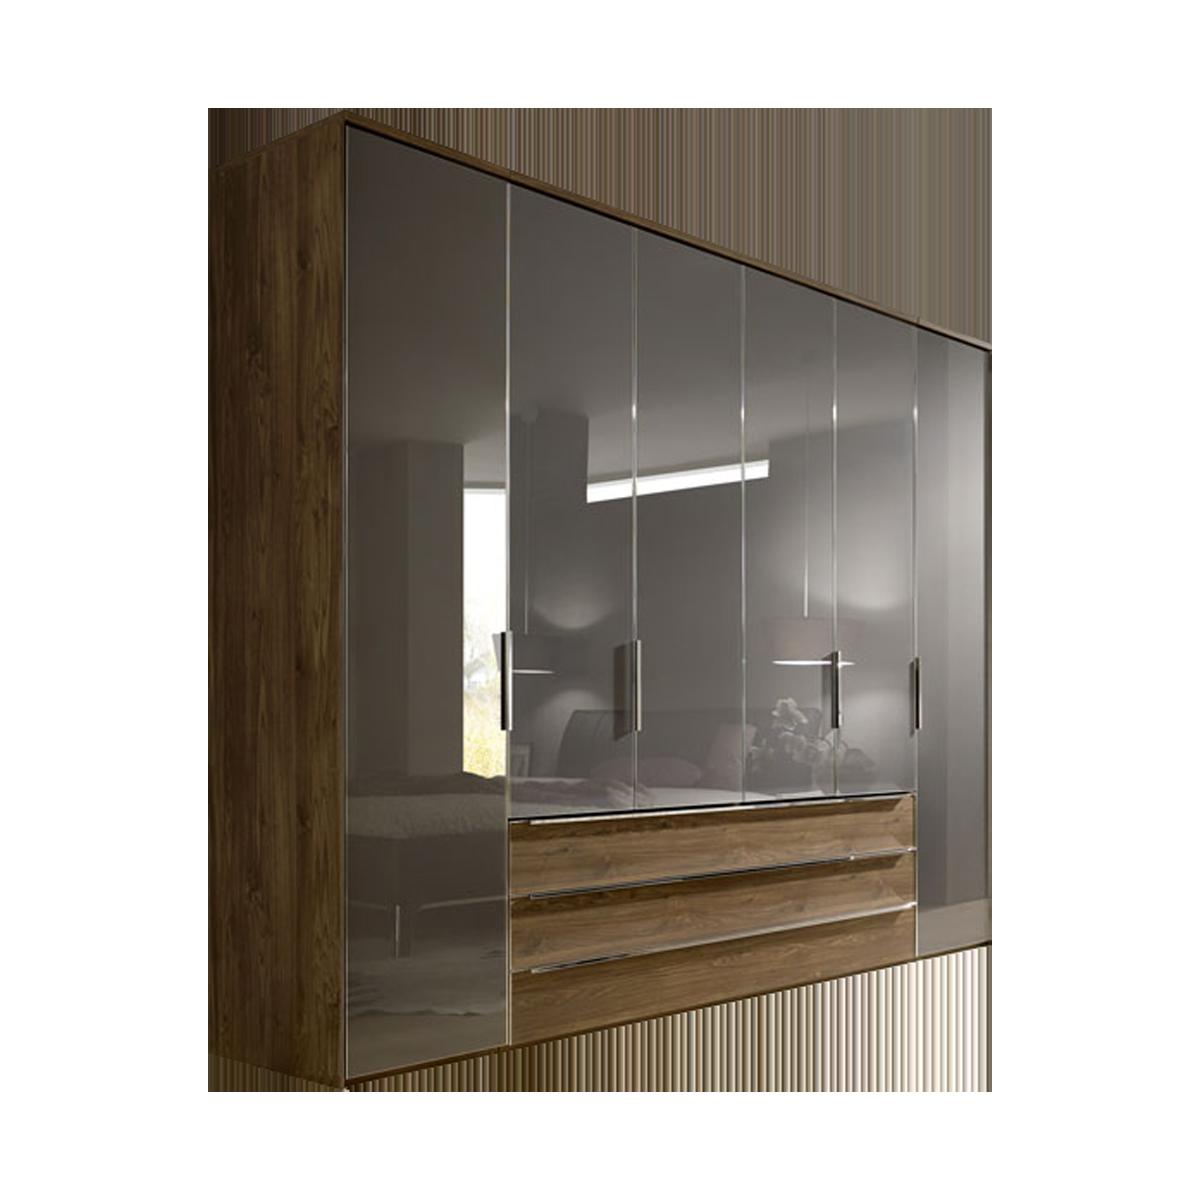 Nolte Möbel Horizont 10500 Drehtürenschrank mit 3 Schubkästen Türfront  Graphitglas Korpus und Schubkastenfront Macadamia-Nussbaum-Nachbildung mit  ...